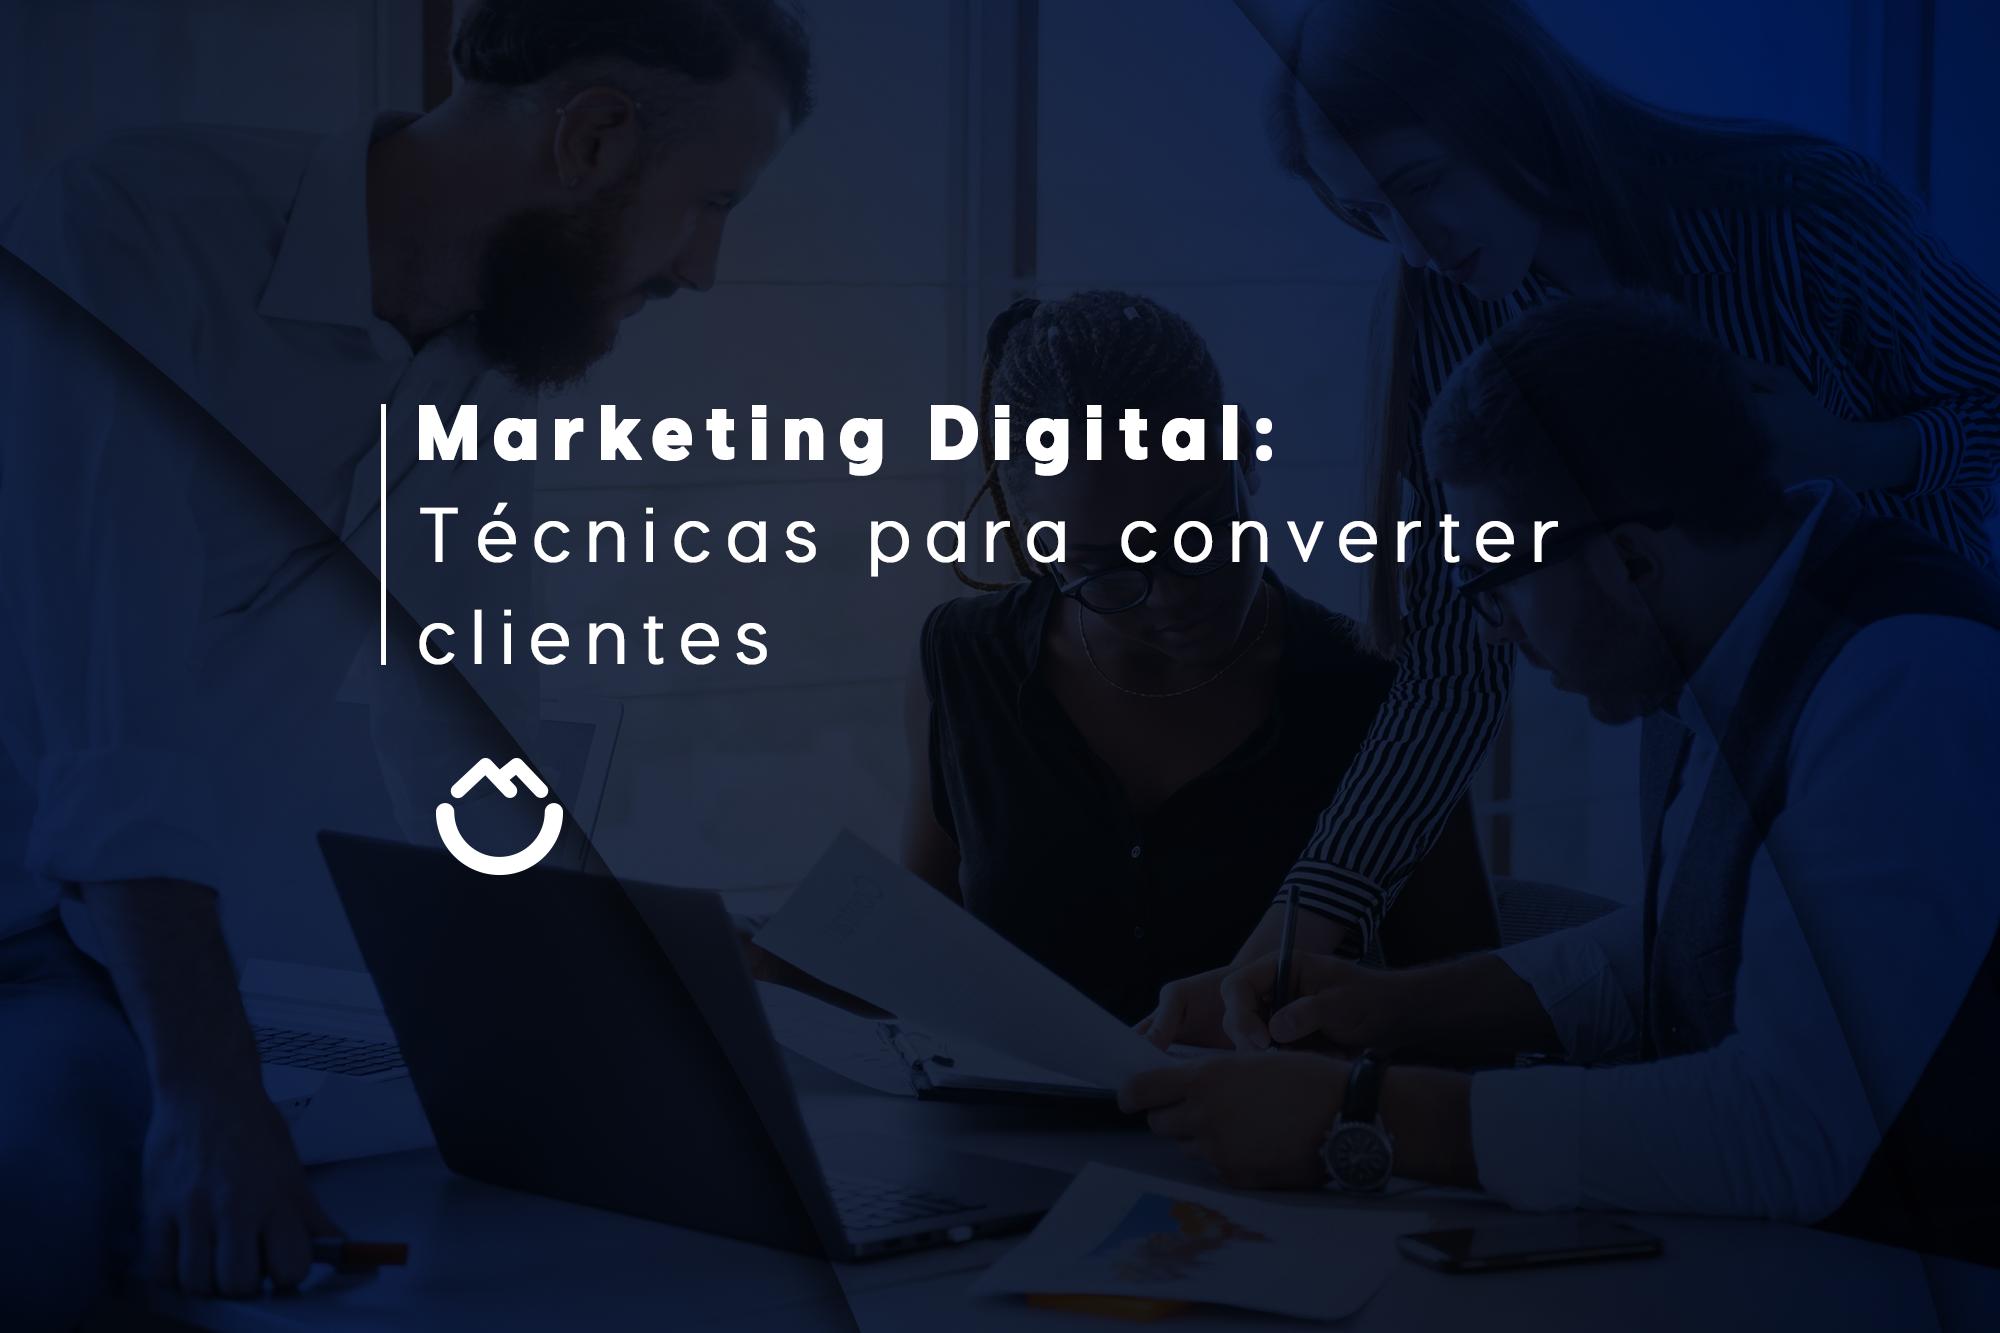 Marketing Digital: Técnicas para converter clientes